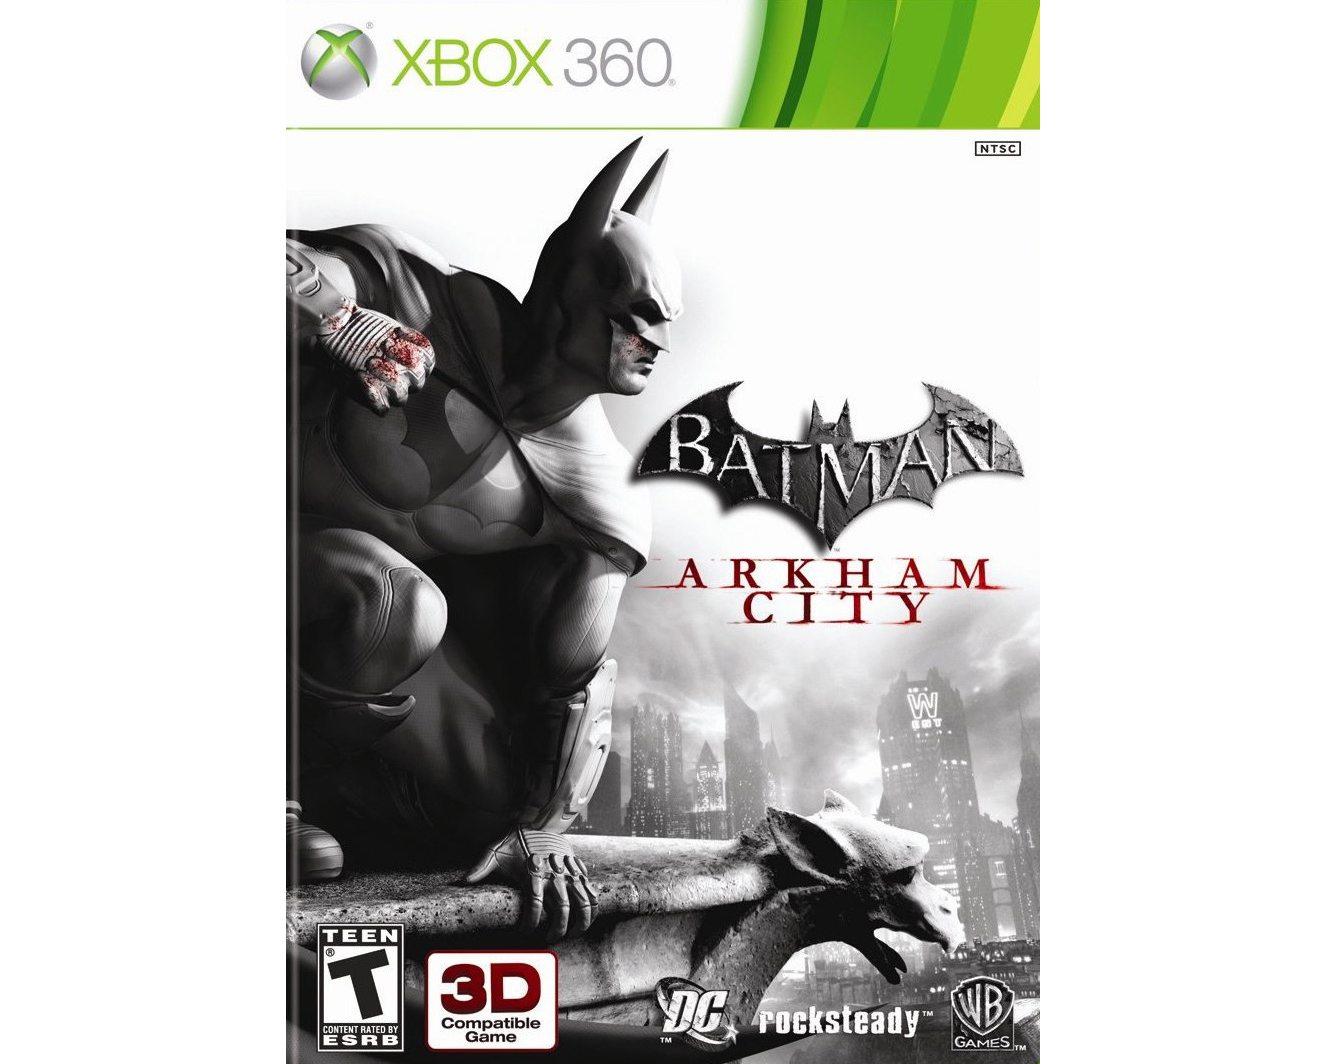 Xbox 360 Batman: Arkham City Xbox 360